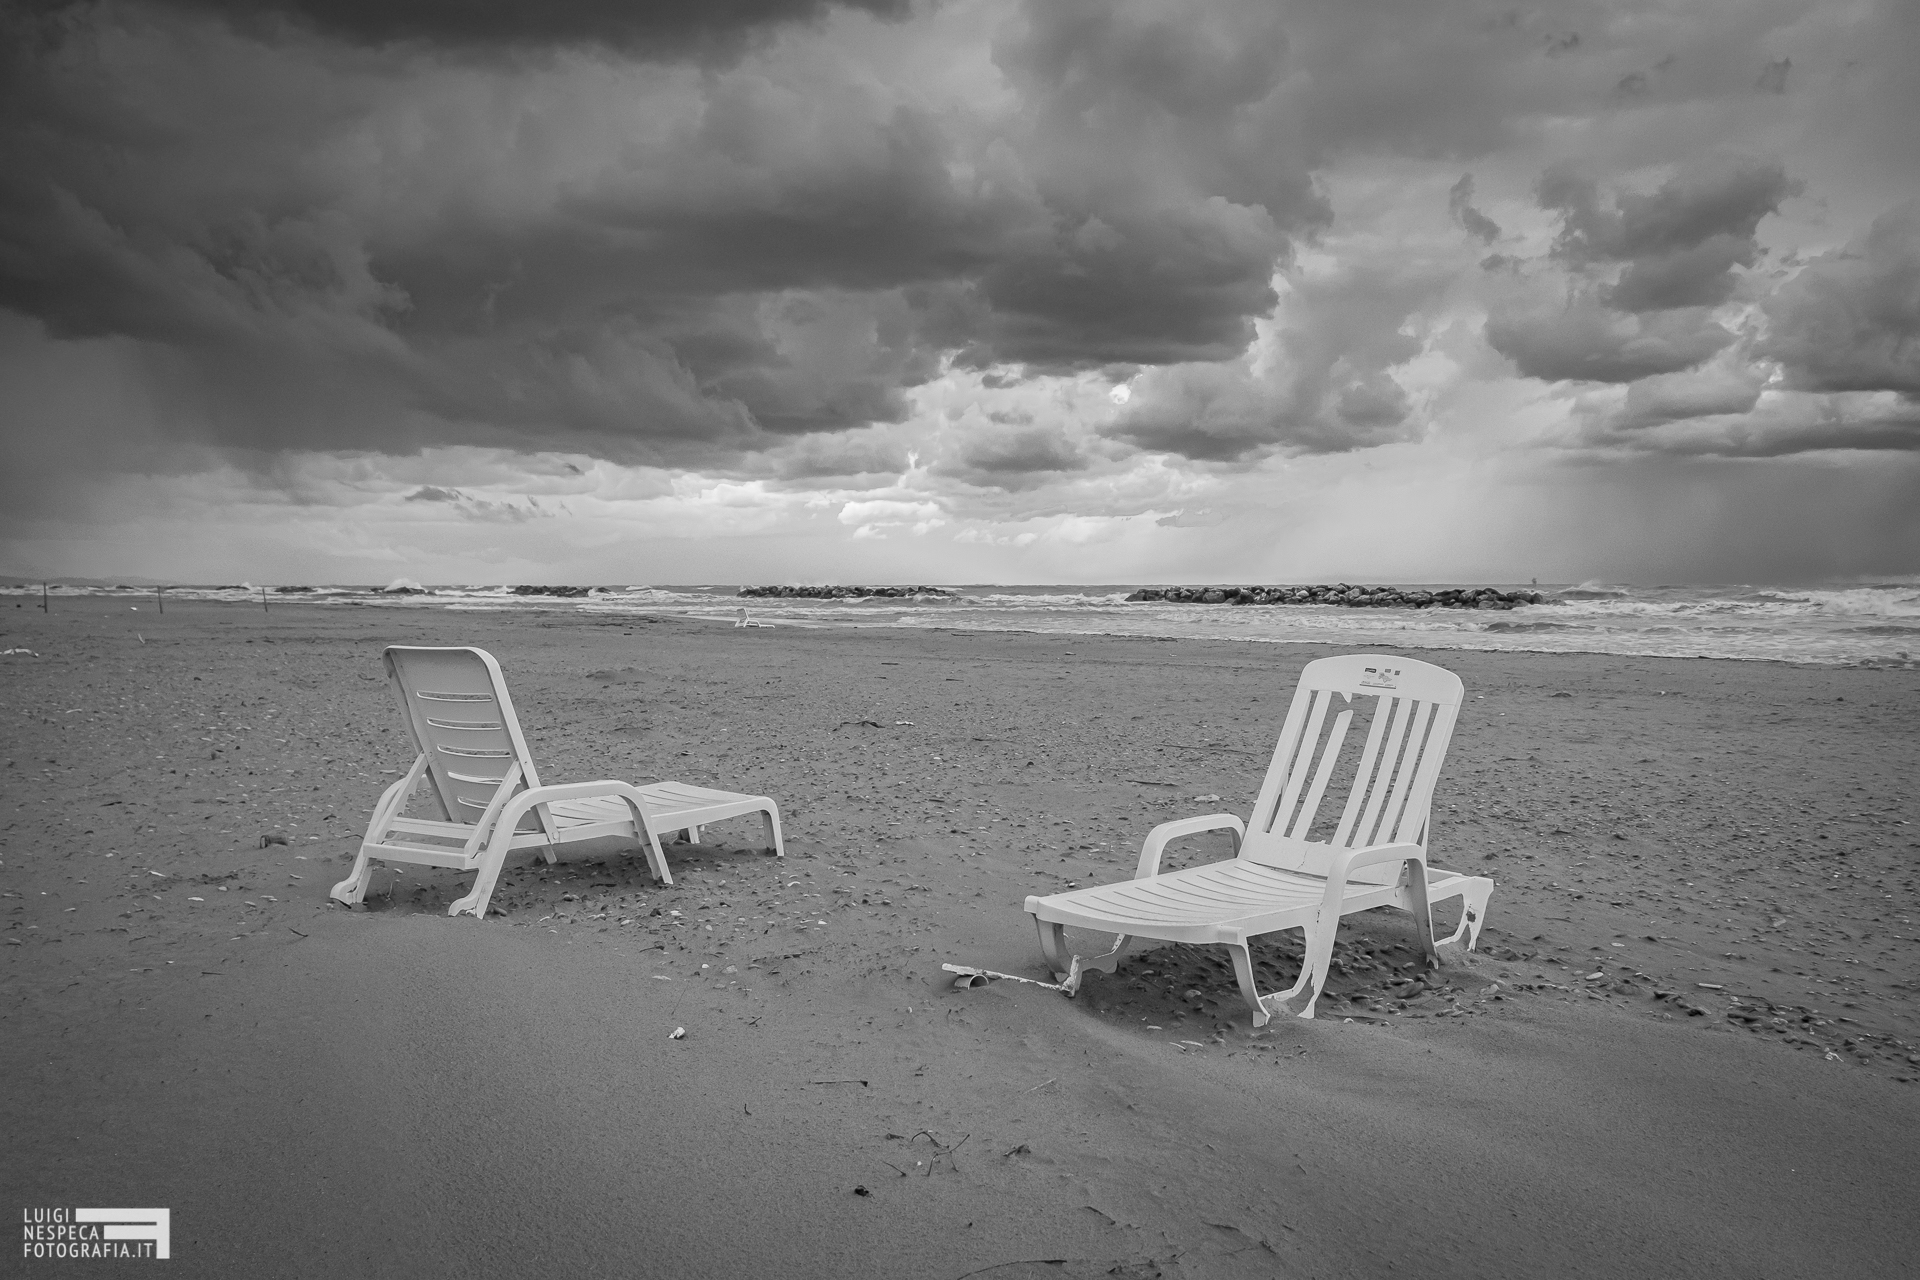 La spiaggia di Francavilla al mare - il distanziamento sociale